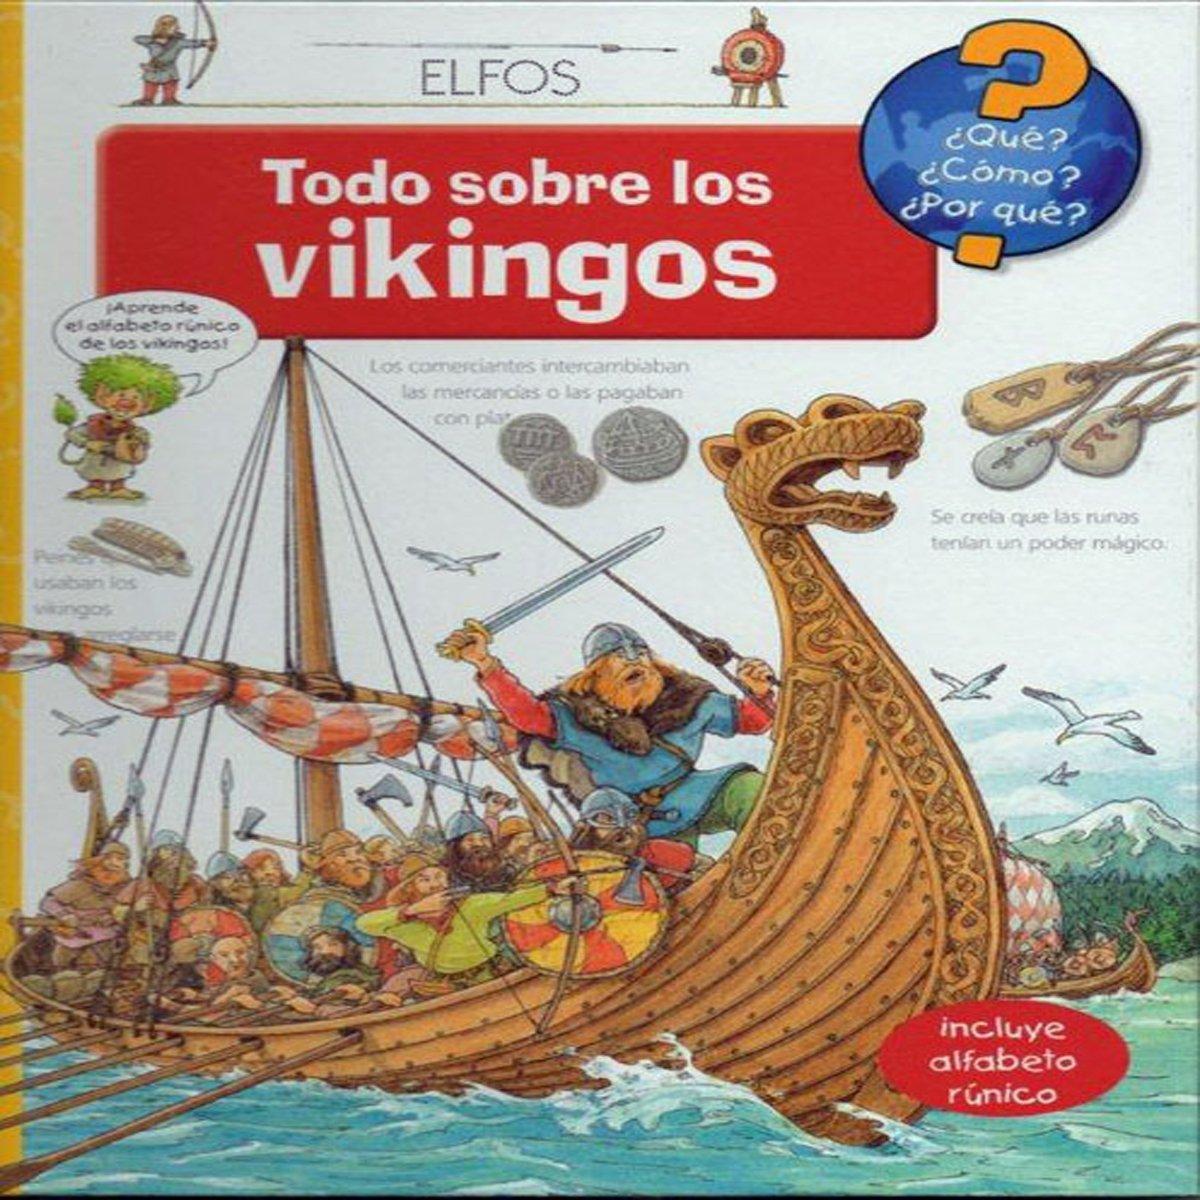 Todo sobre los vikingos (¿Qué?): Amazon.es: Aa.Vv.: Libros